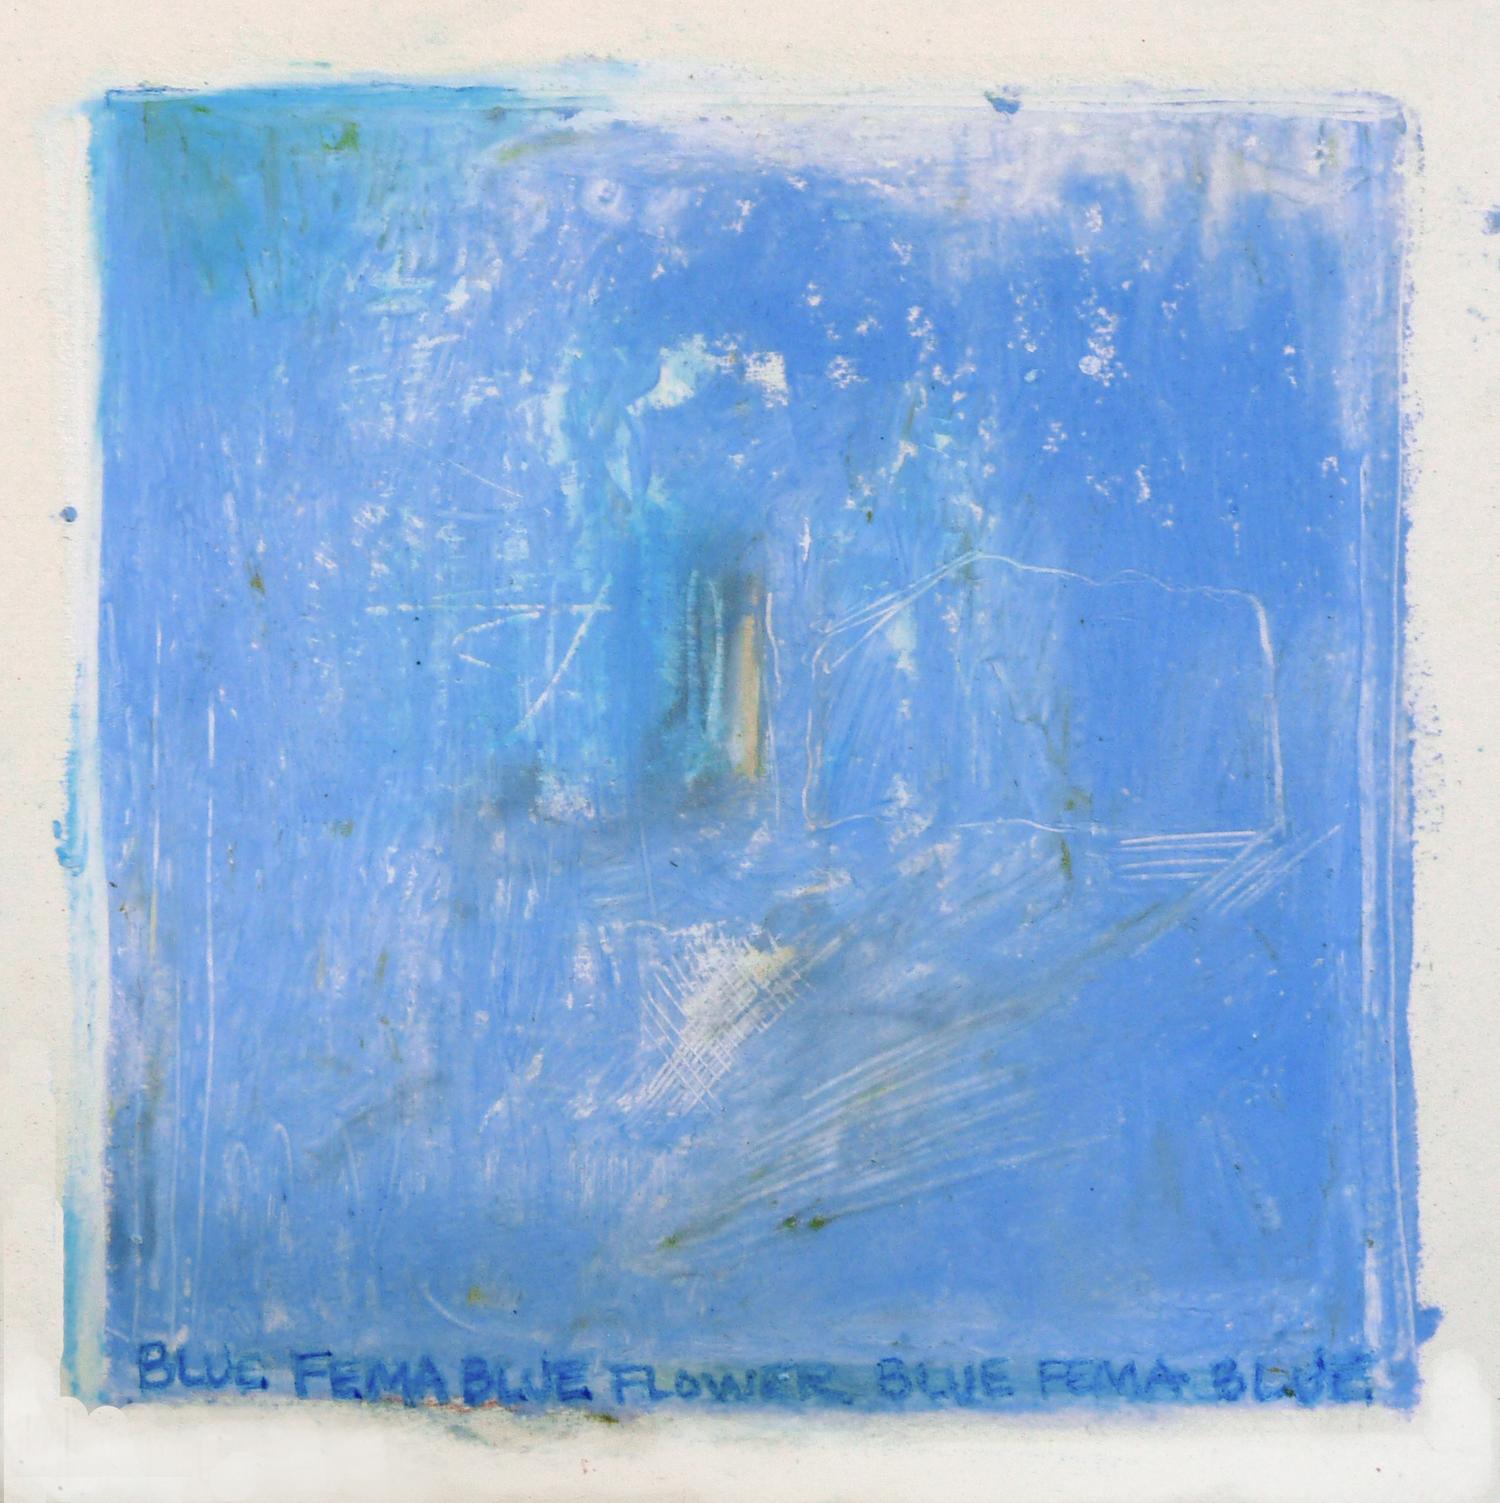 Blue Fema Blue